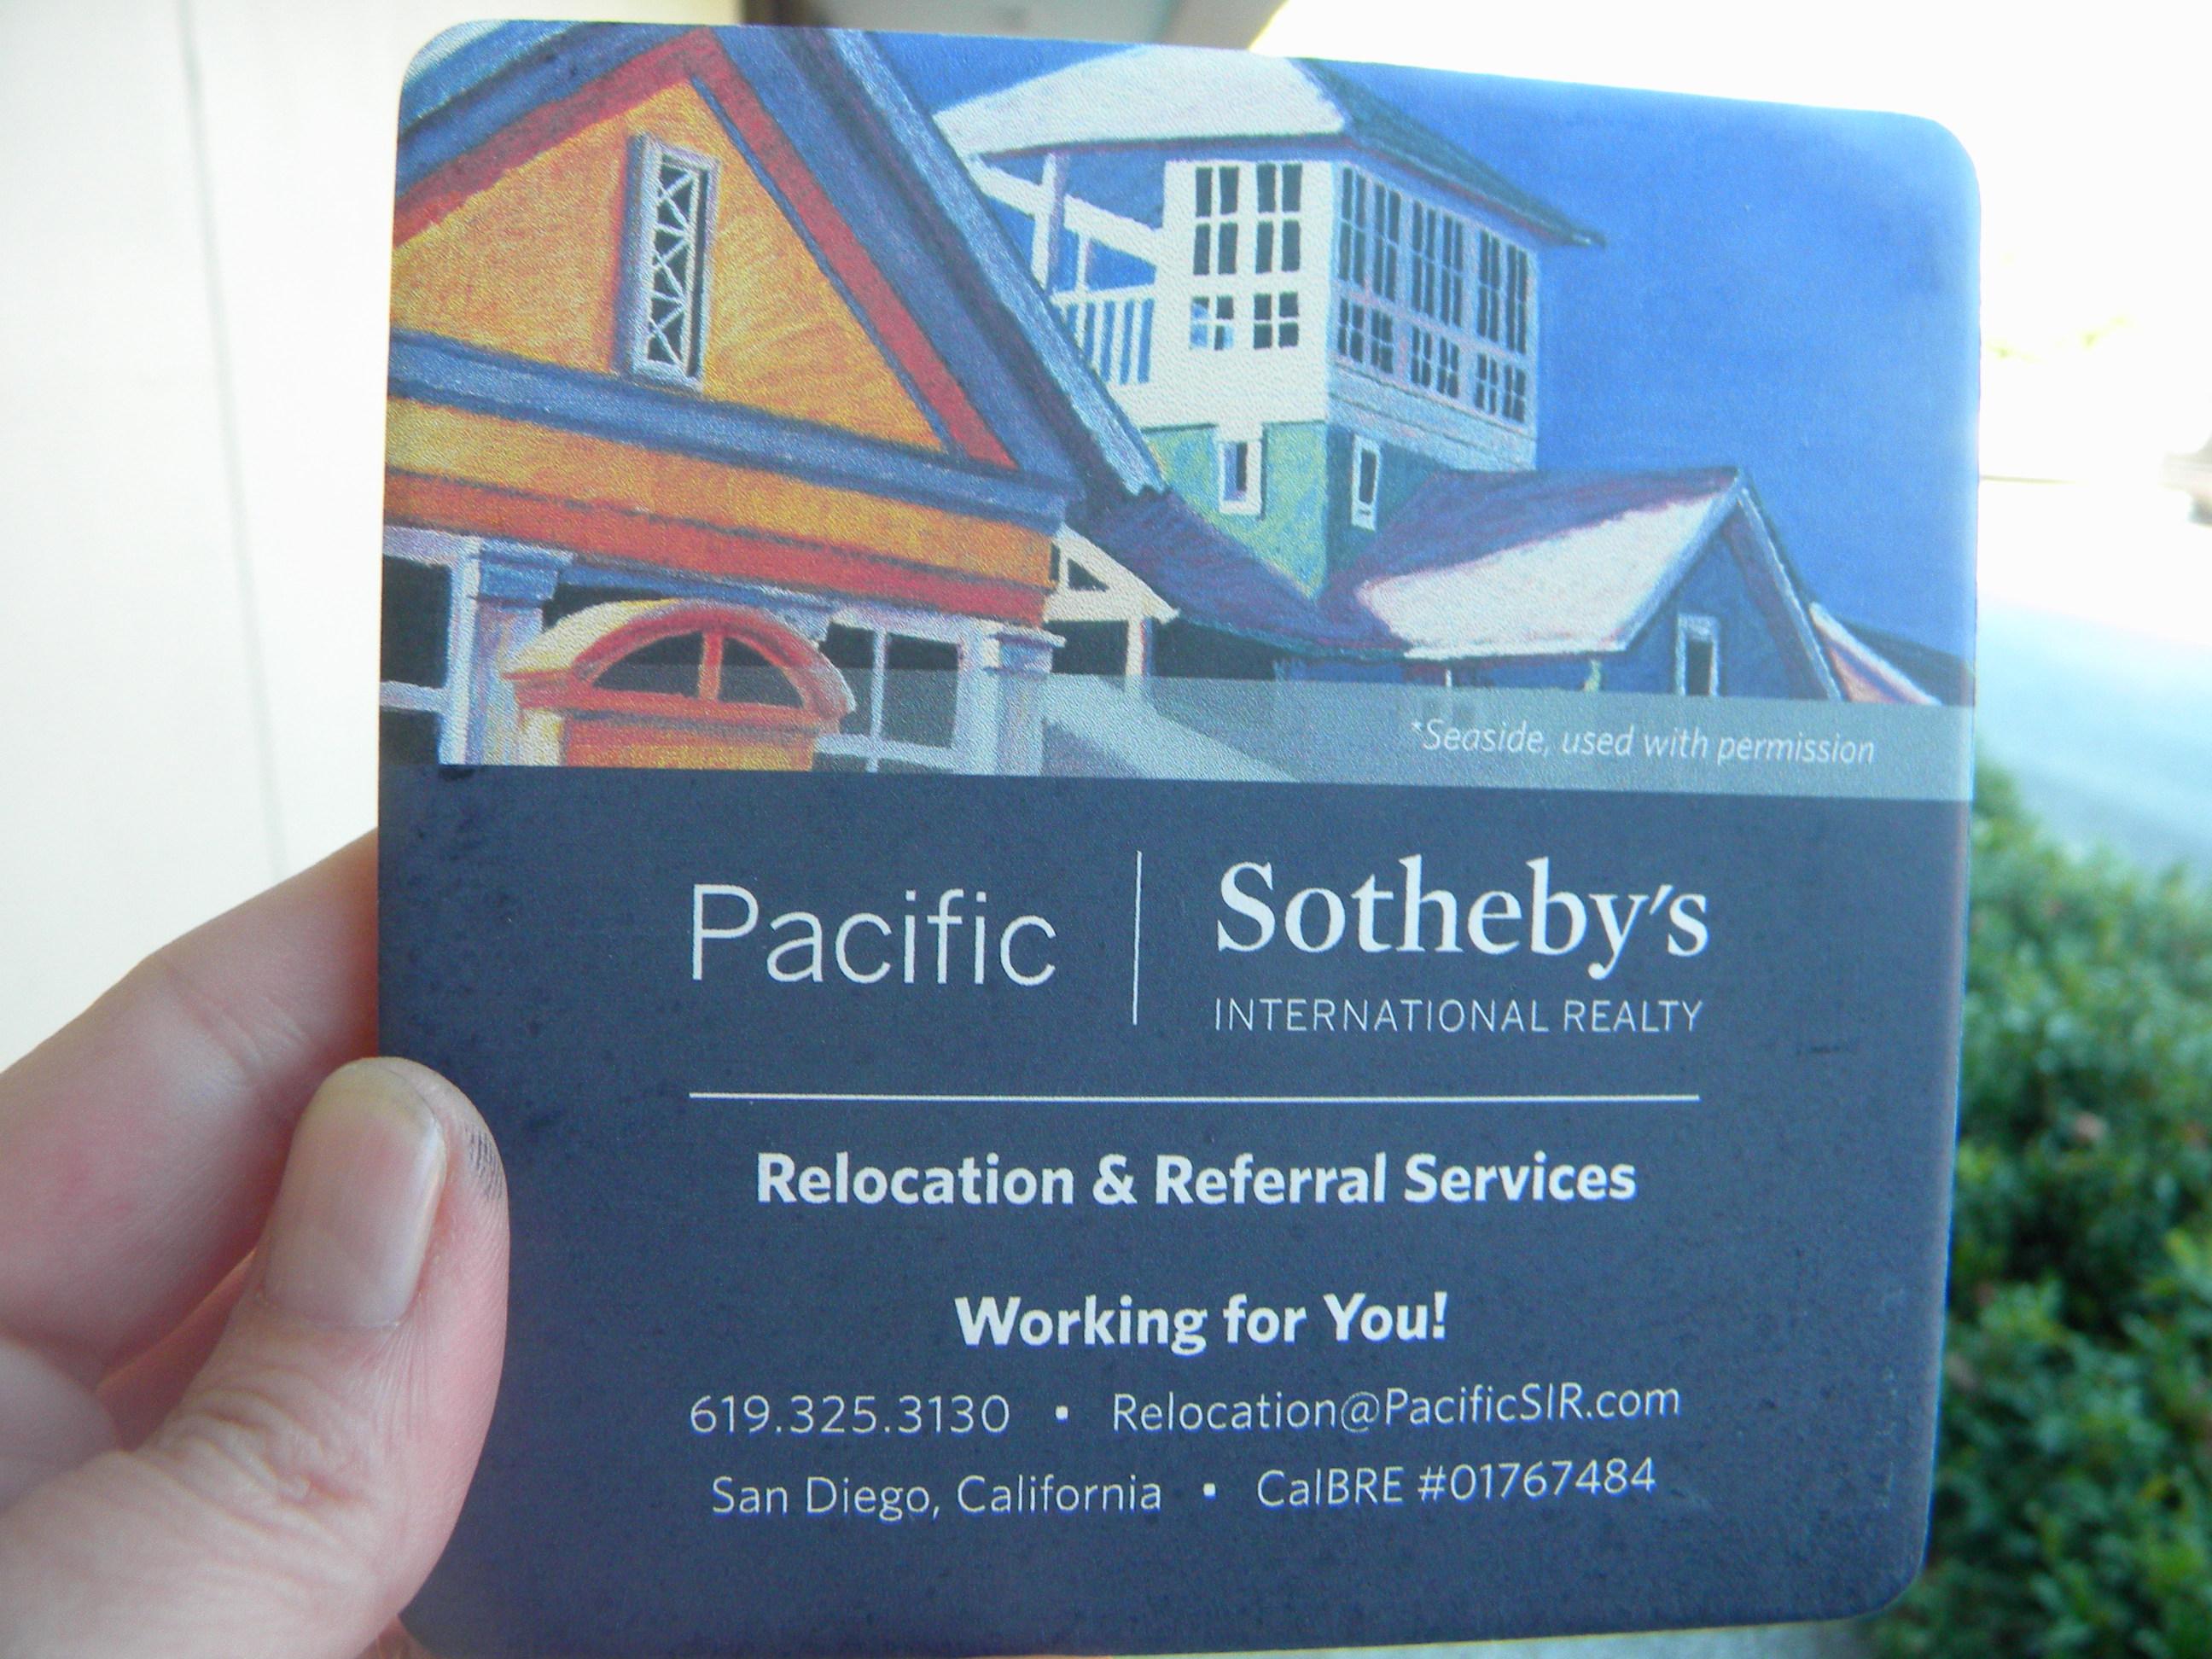 Sothebys Coaster Gift